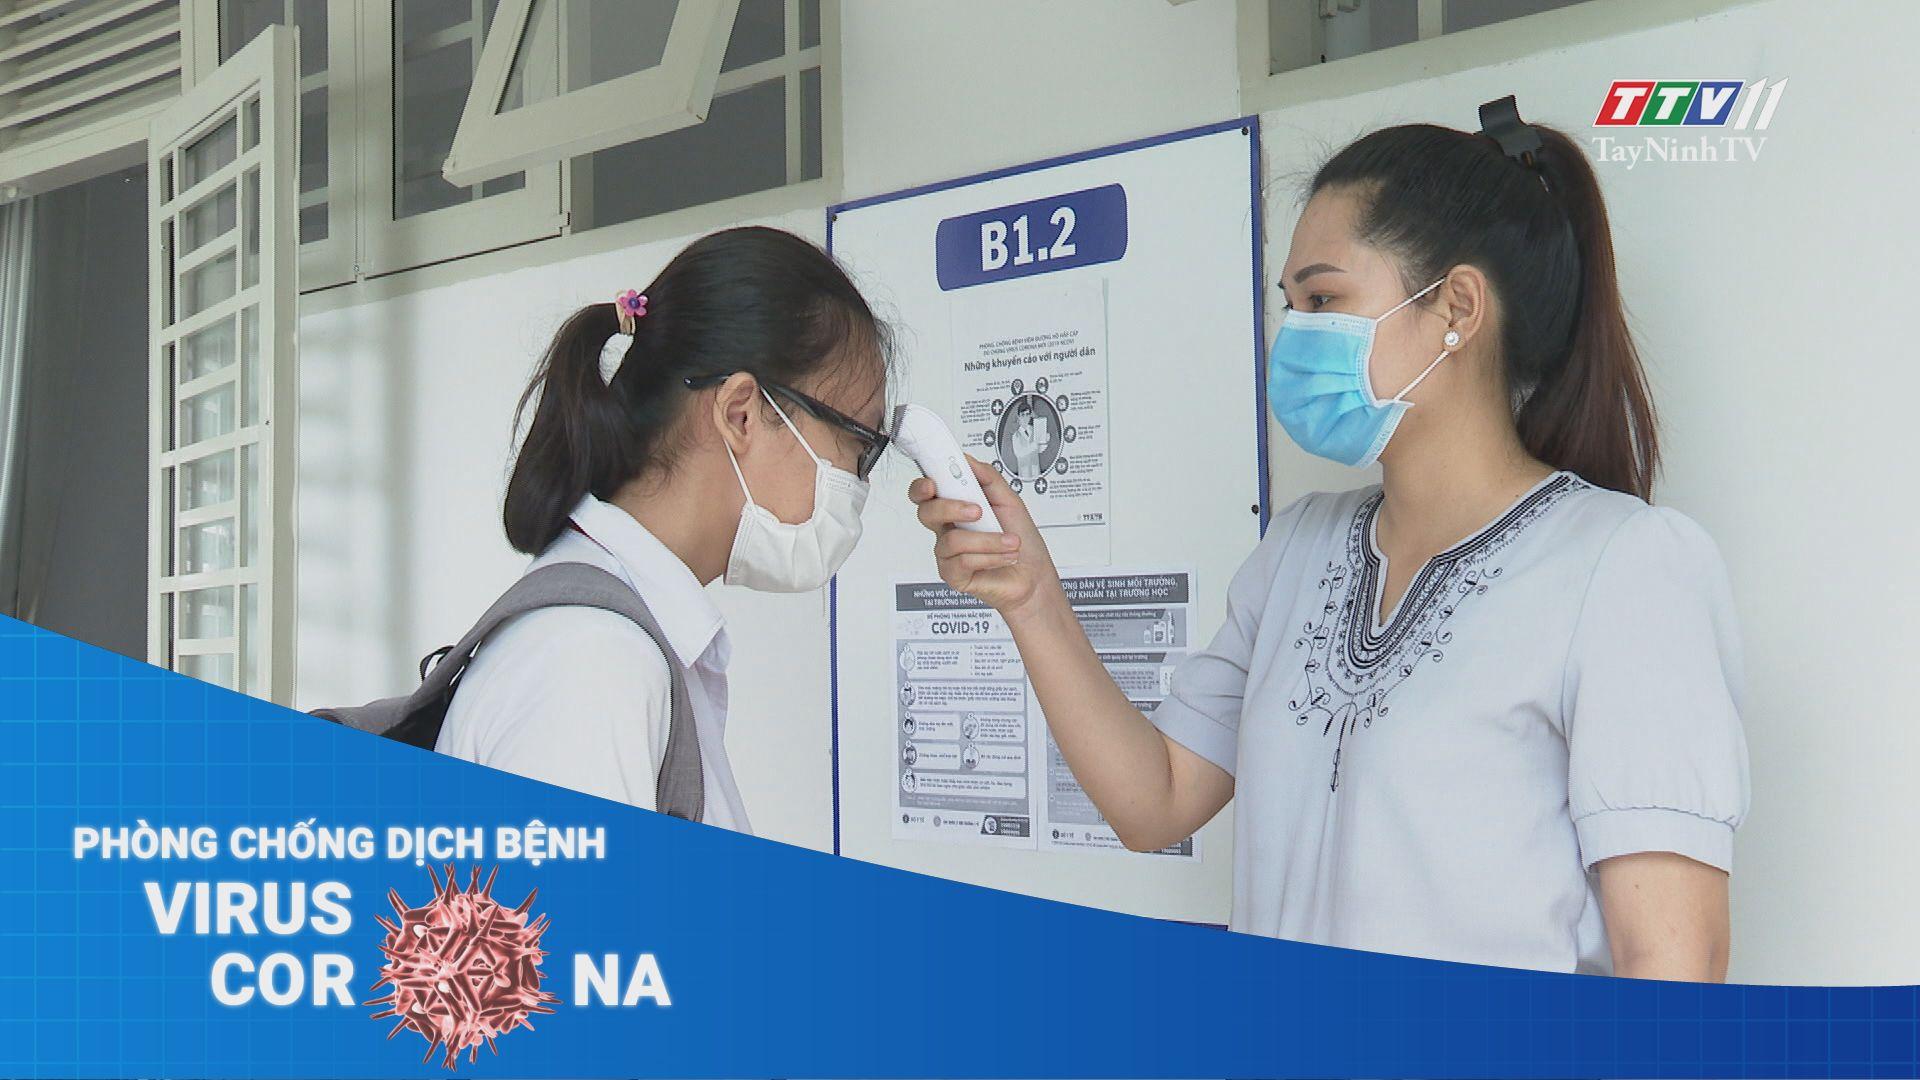 Đảm bảo các điều kiện cho học sinh trở lại trường   THÔNG TIN DỊCH CÚM COVID-19   TayNinhTV